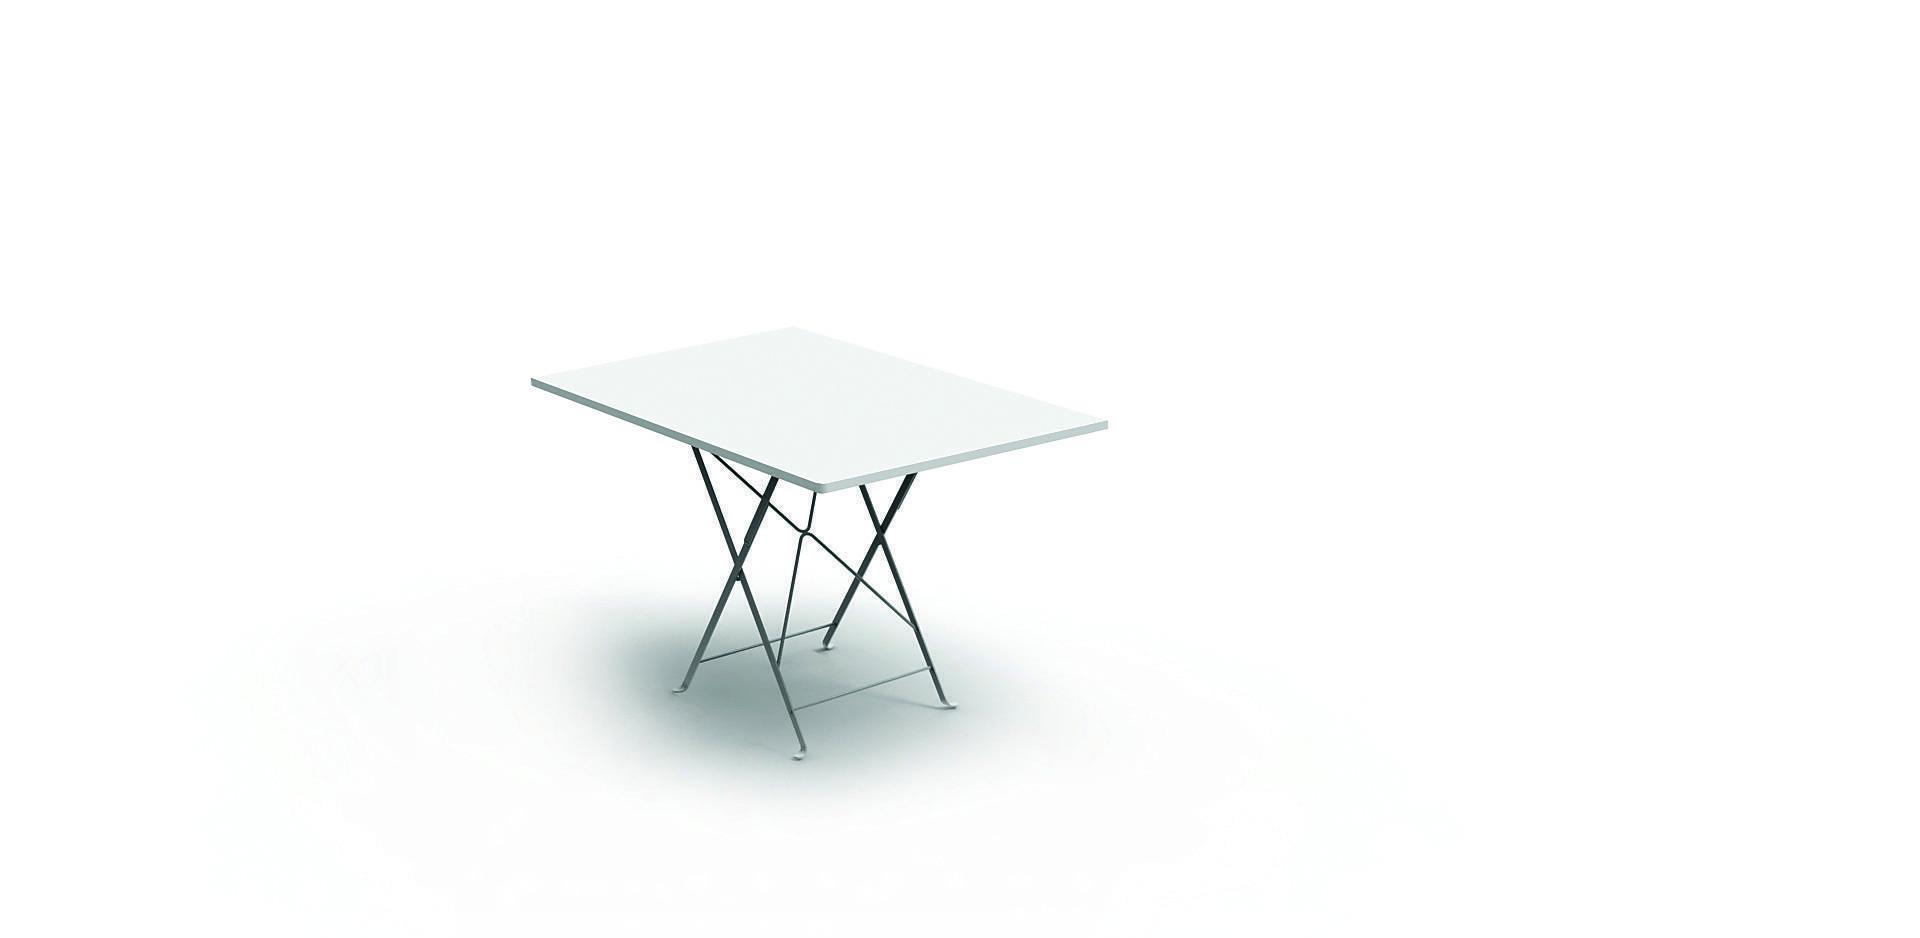 Tavolo Da Giardino Pieghevole E Allungabile.Vivereverde Tavolo Pieghevole Roy 110 Tavoli Da Giardino